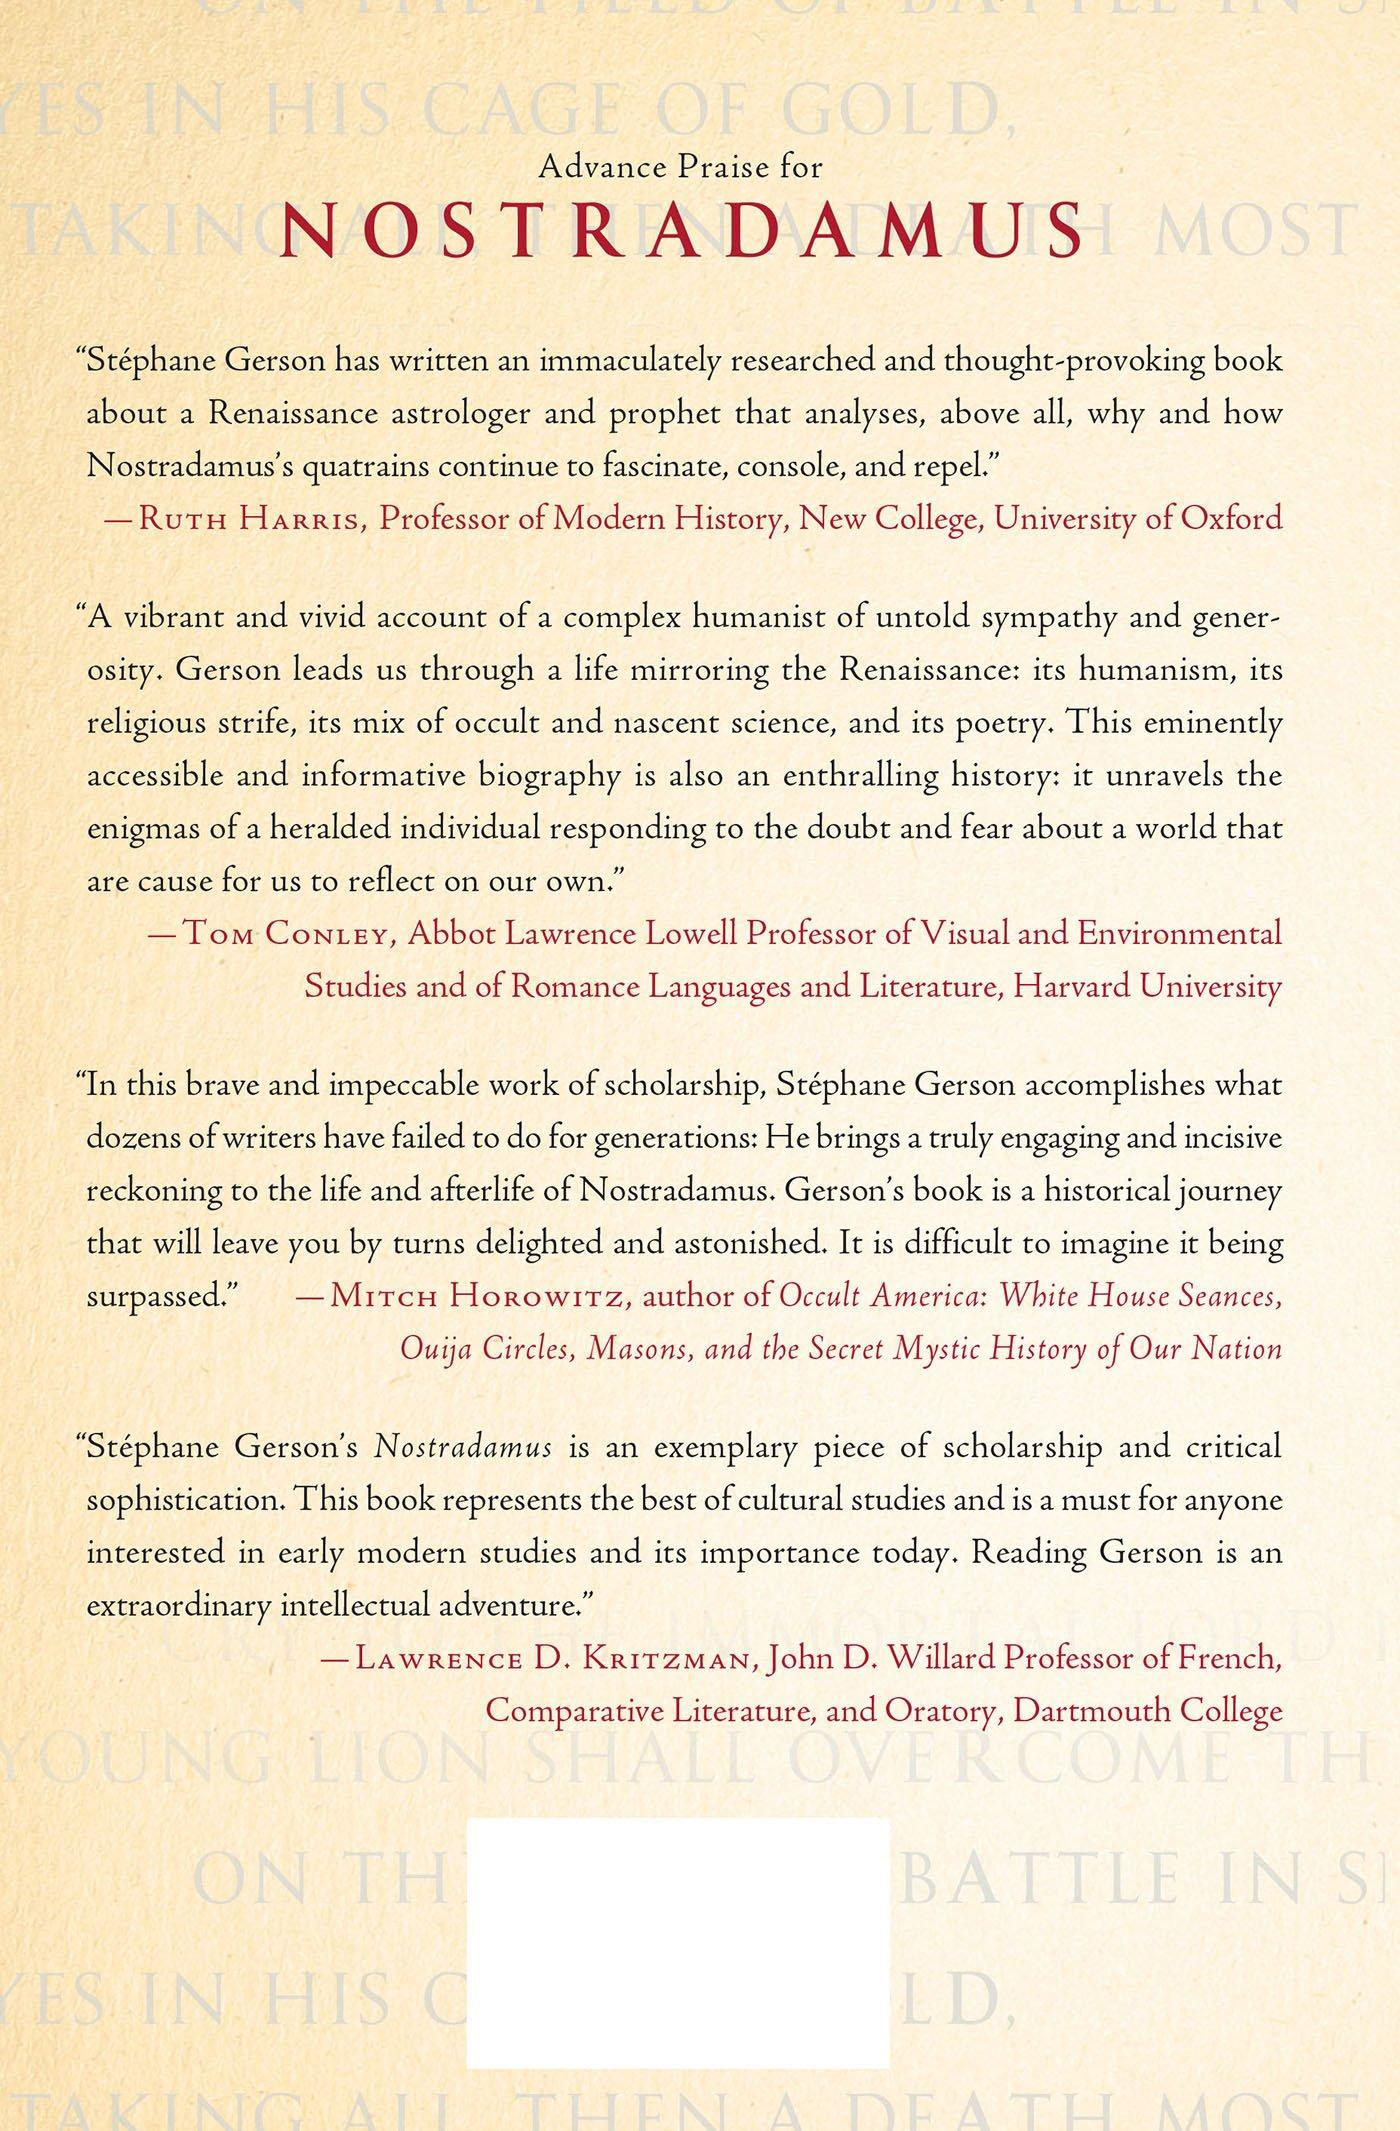 Amazon com: Nostradamus: How an Obscure Renaissance